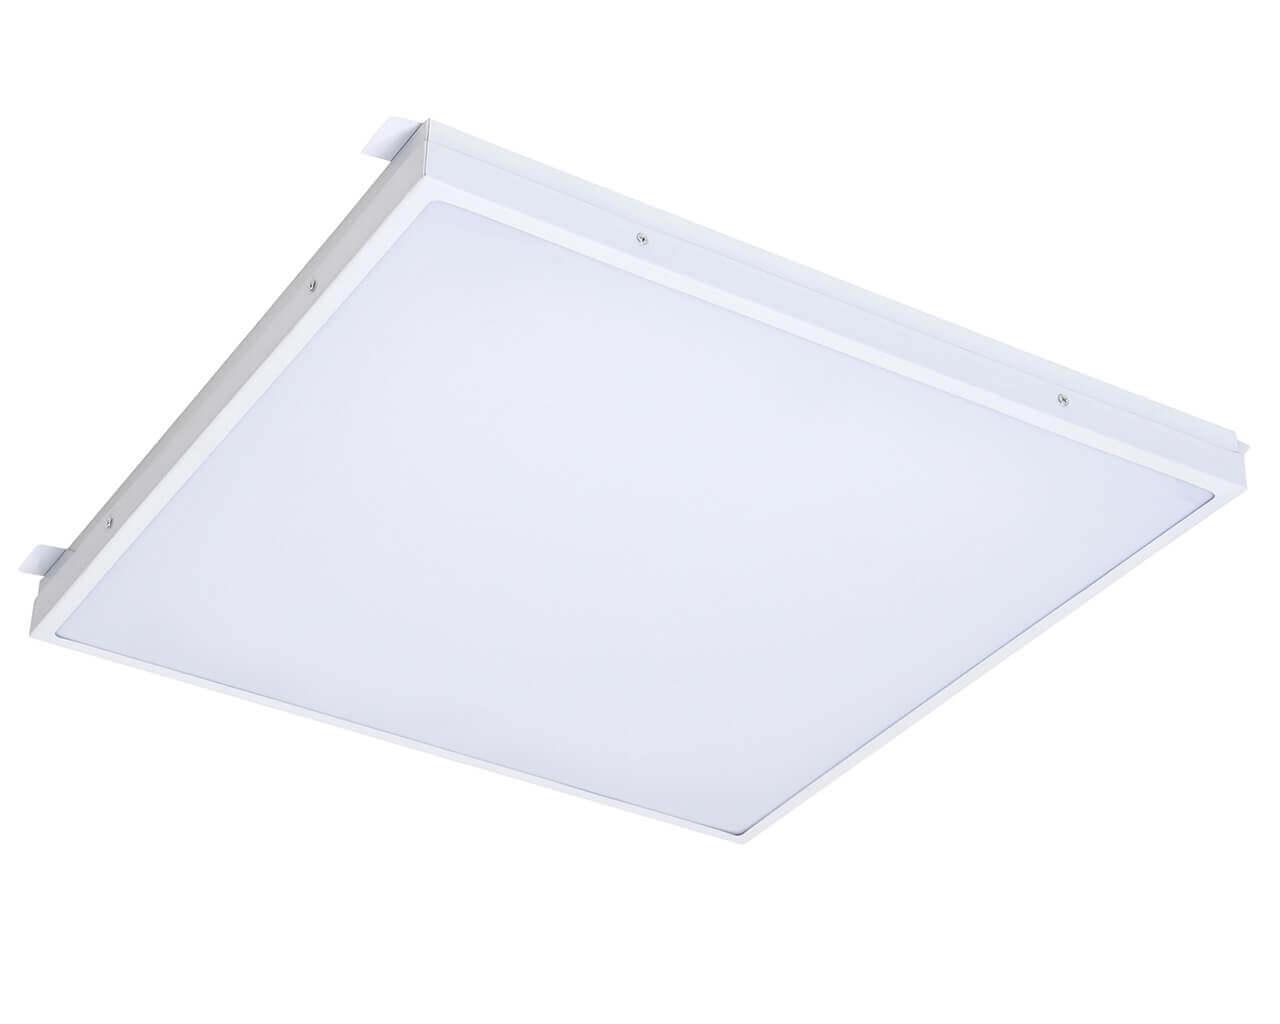 Cветильник грильято LC-GIP-80-OP 580*580 IP65 Теплый белый Опал